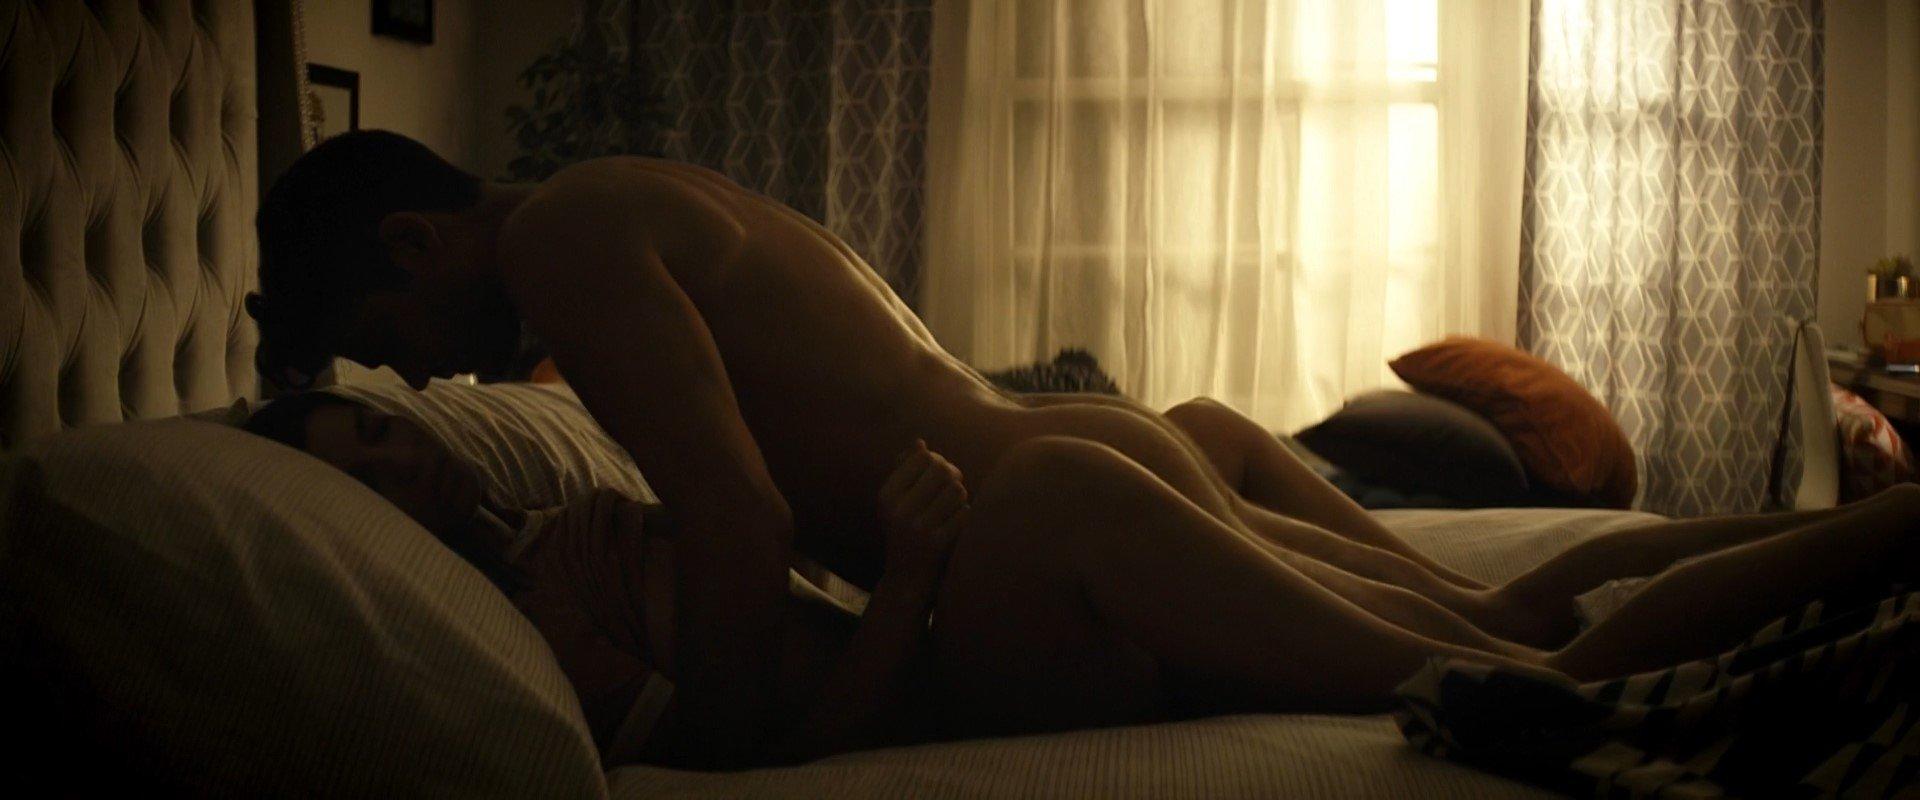 Angela trimbur naked